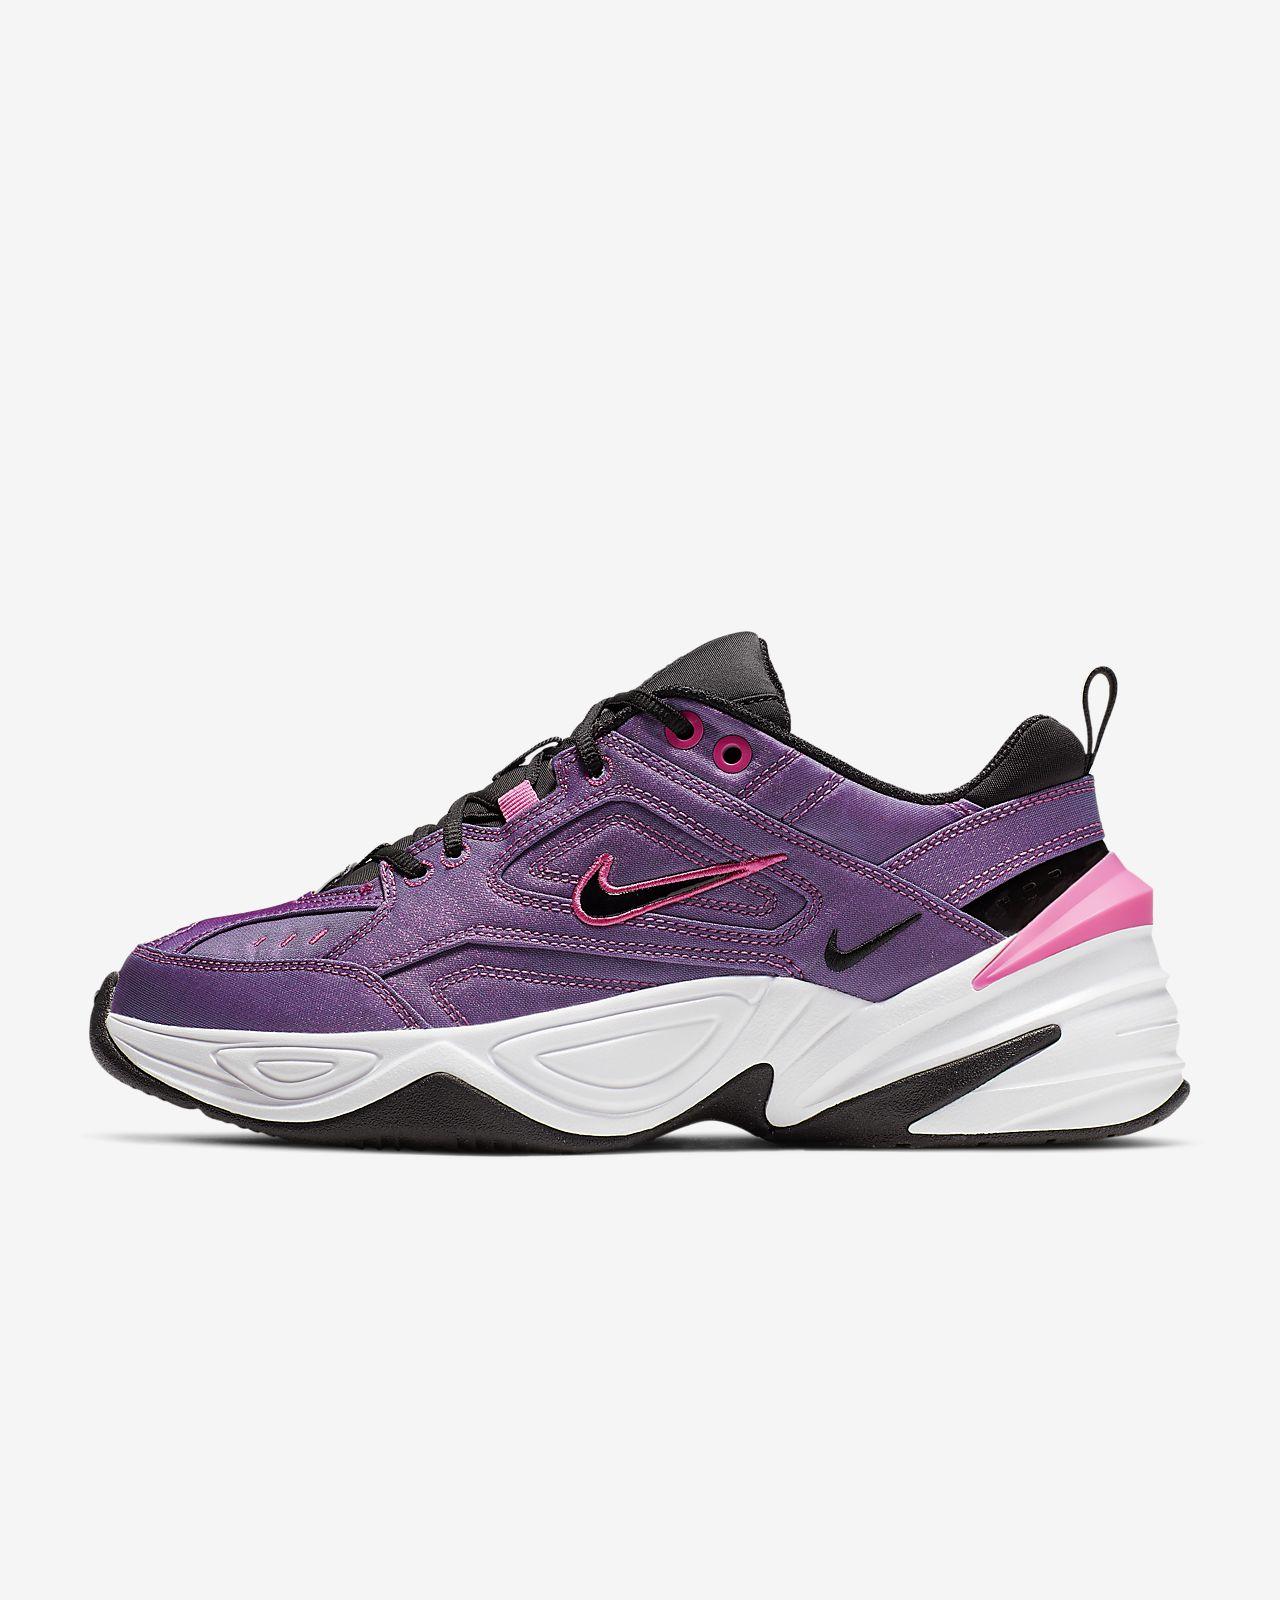 separation shoes 6b46a e3ef9 ... Chaussure Nike M2K Tekno SE pour Femme